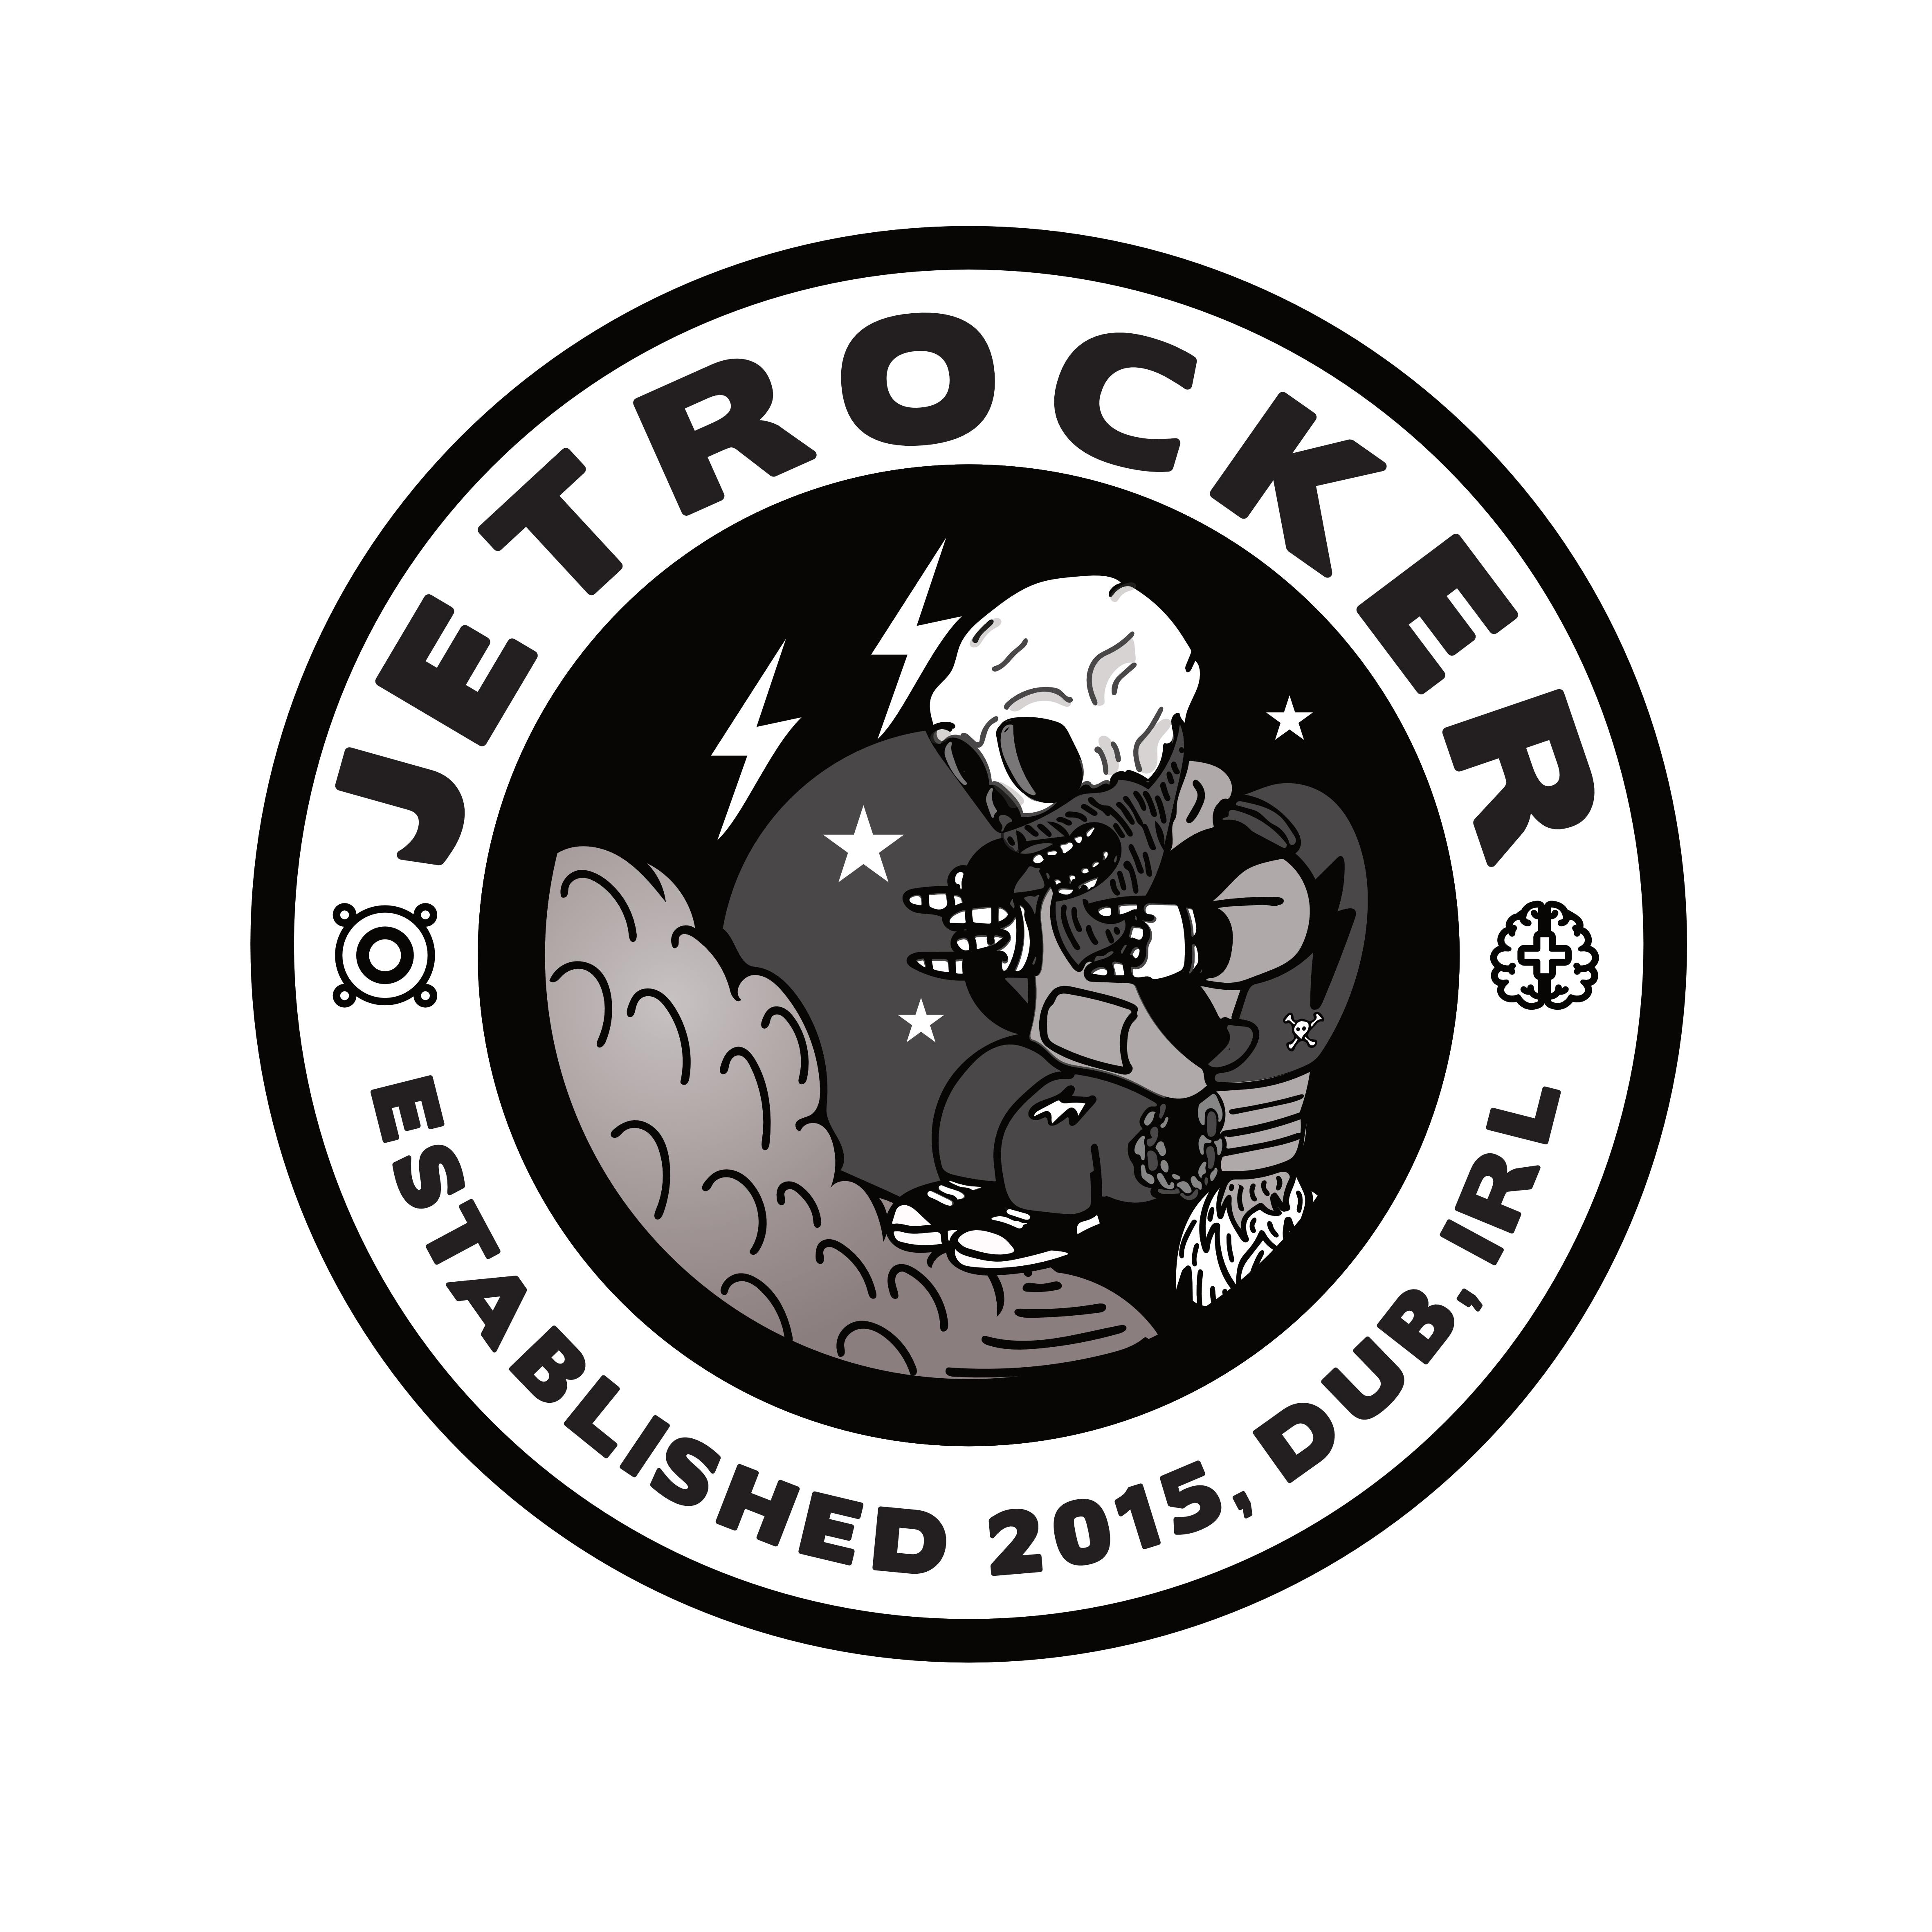 Jetrocker PROOF